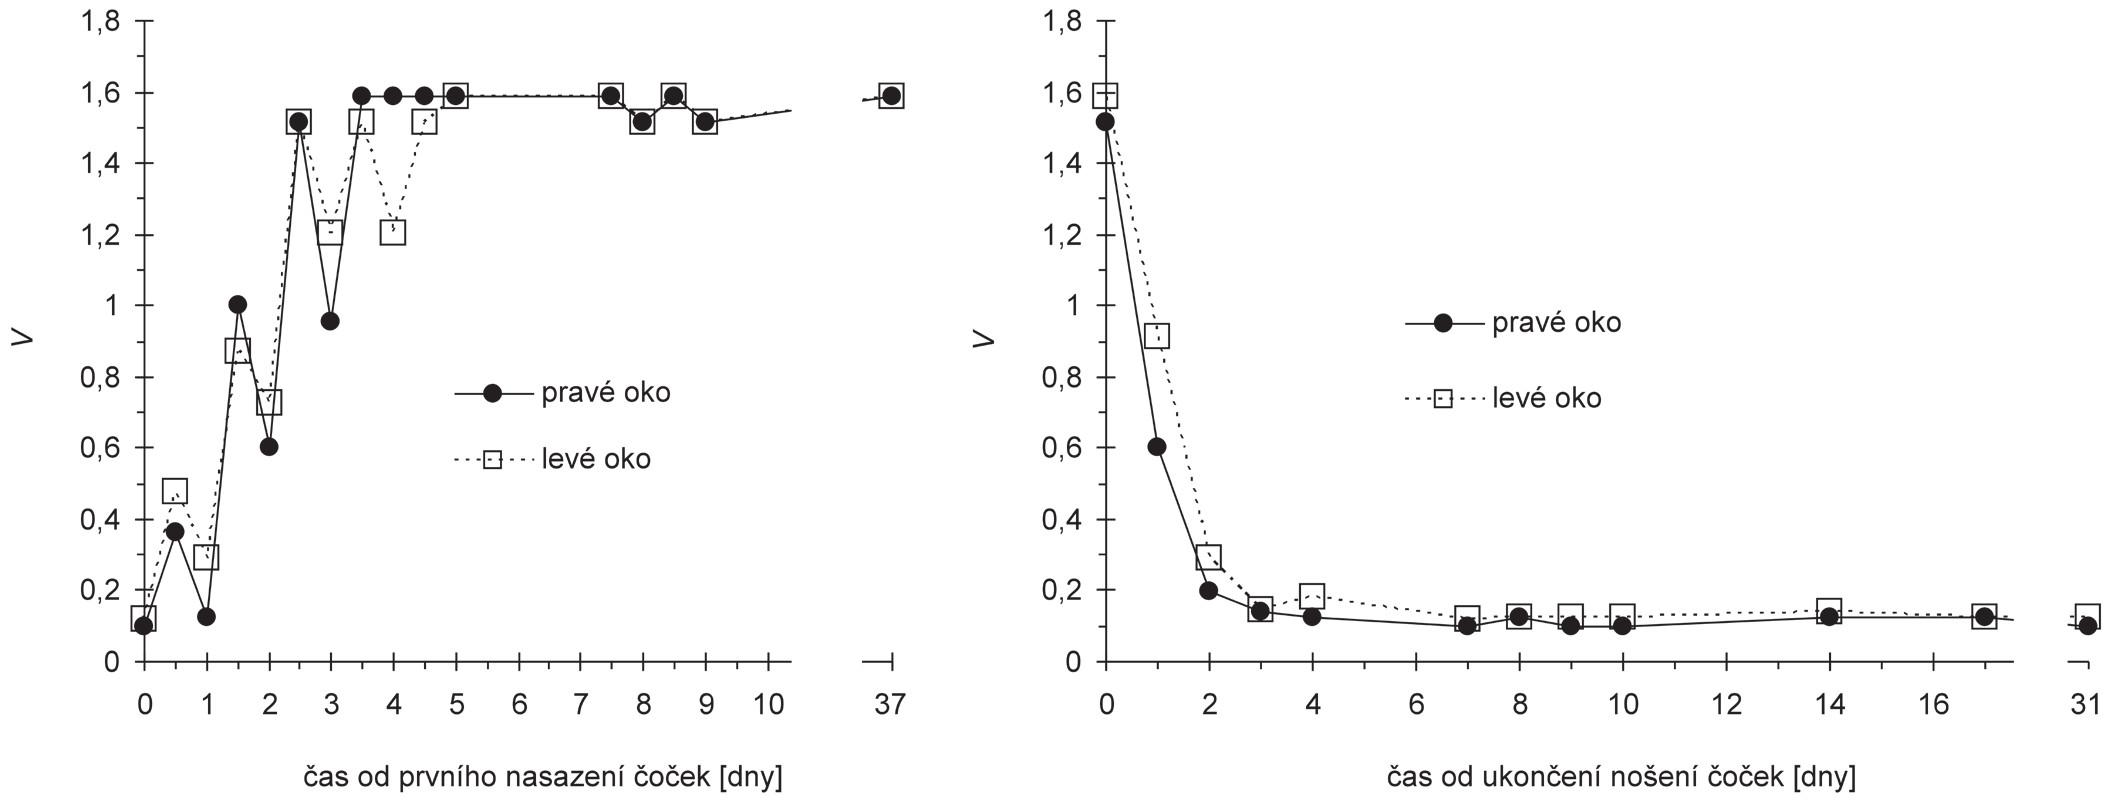 Závislost vízu V (decimální zápis) na čase měřená od prvního nasazení čoček (vlevo) a od ukončení nošení čoček (vpravo)